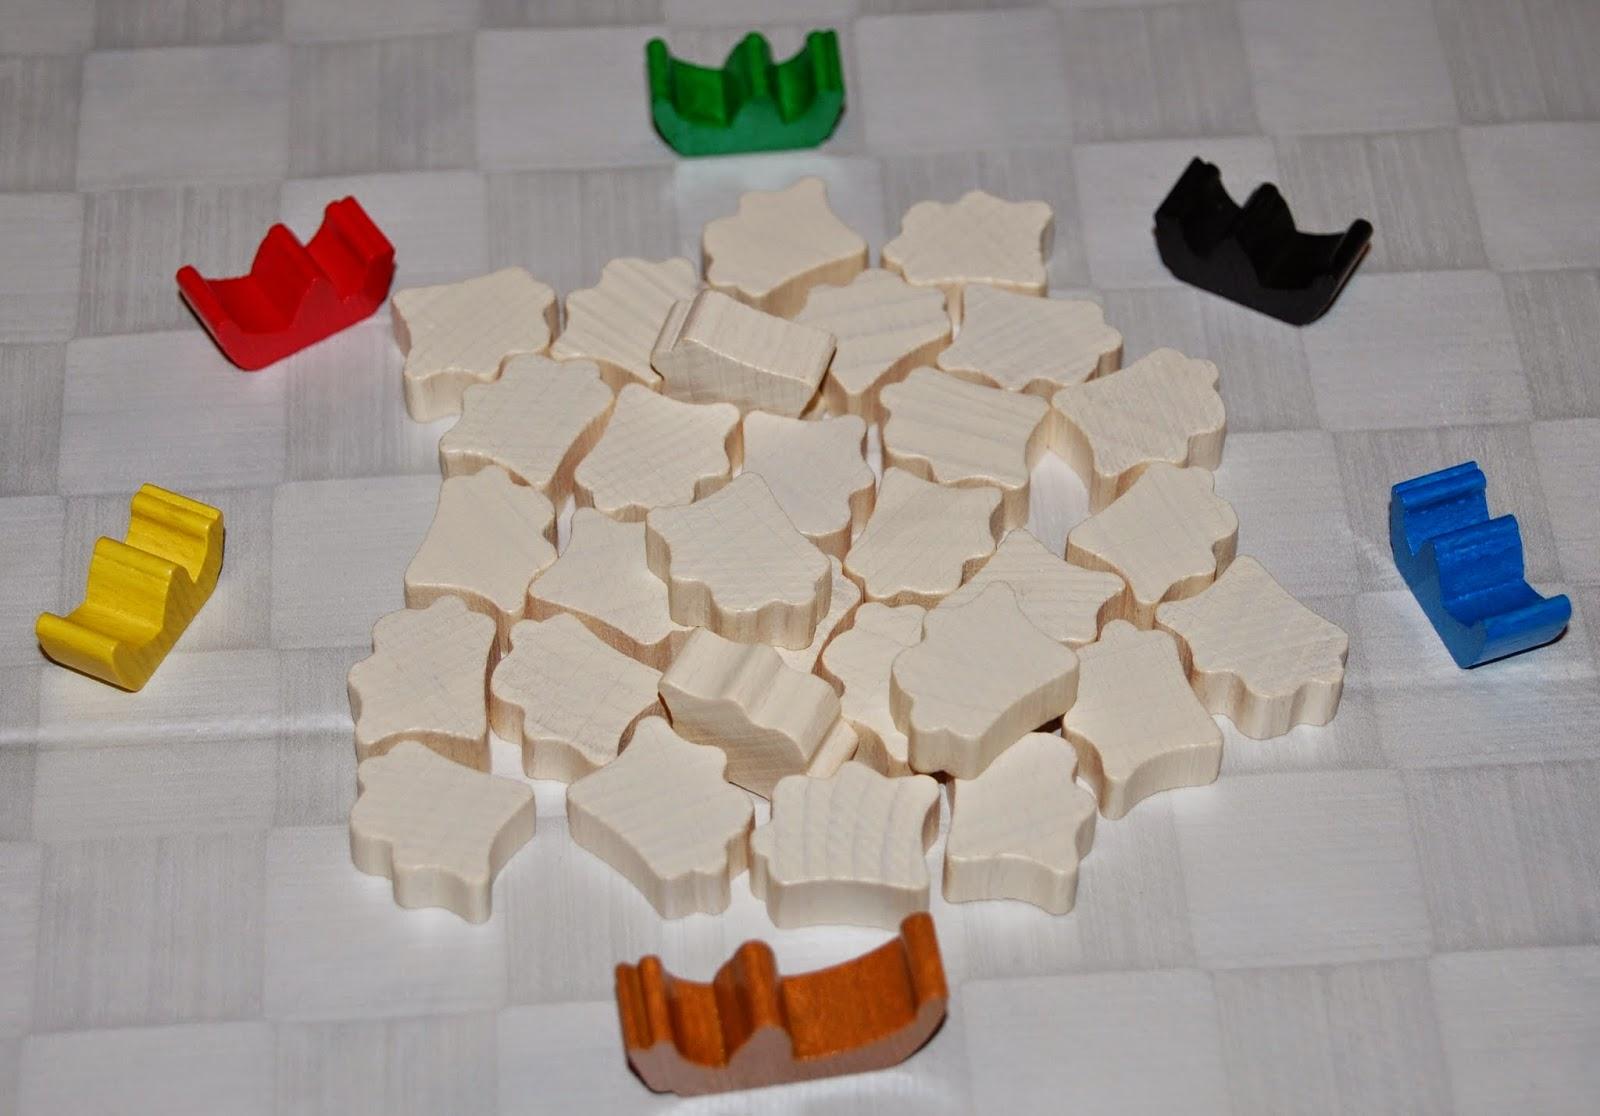 Conchas y barcos de madera